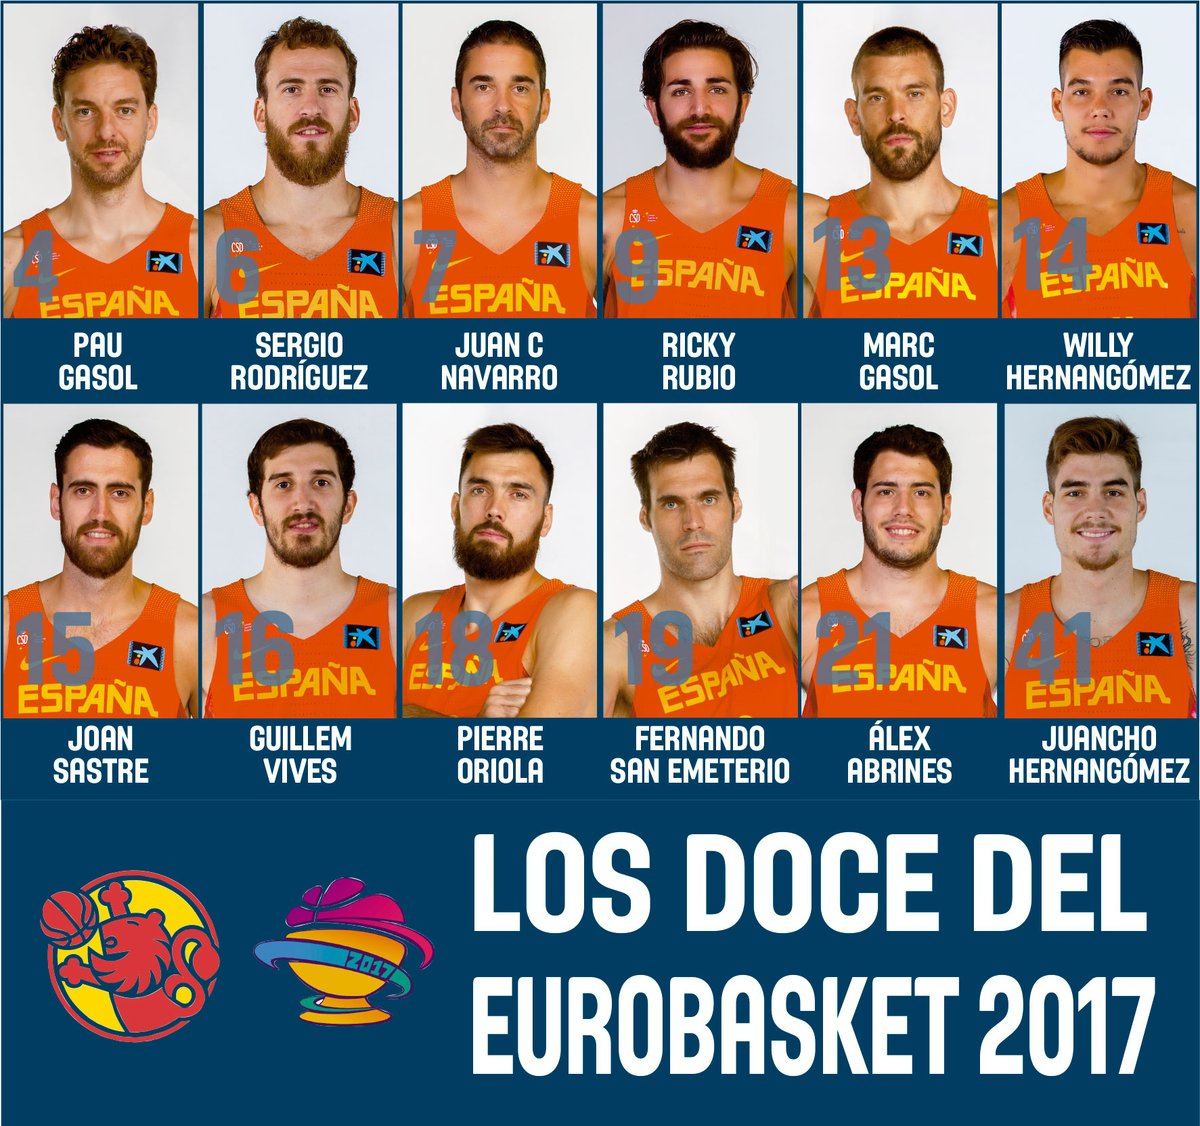 Rabaseda y Saiz, últimos descartes de España para el #EuroBasket2017 https://t.co/Uj93qAlGg4 https://t.co/UZqSCCGJay